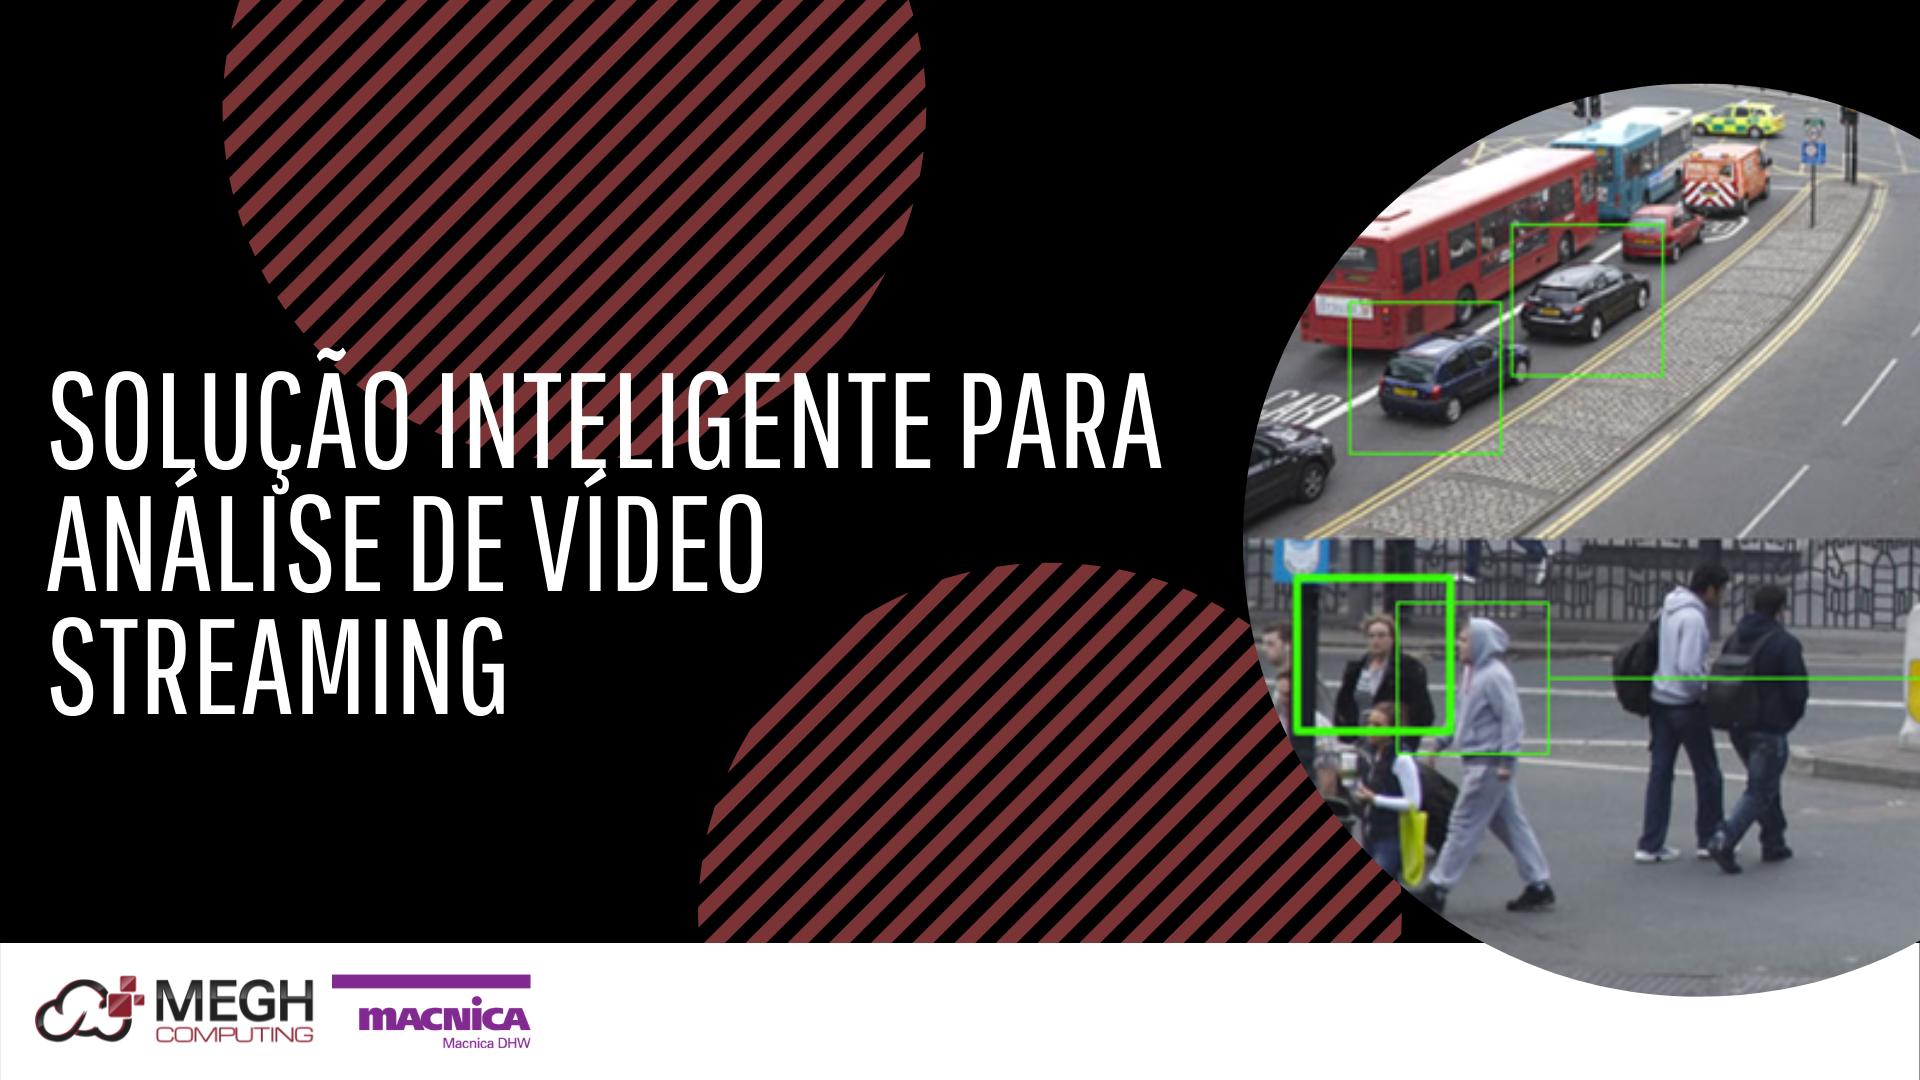 Solução inteligente para análise de vídeo streaming